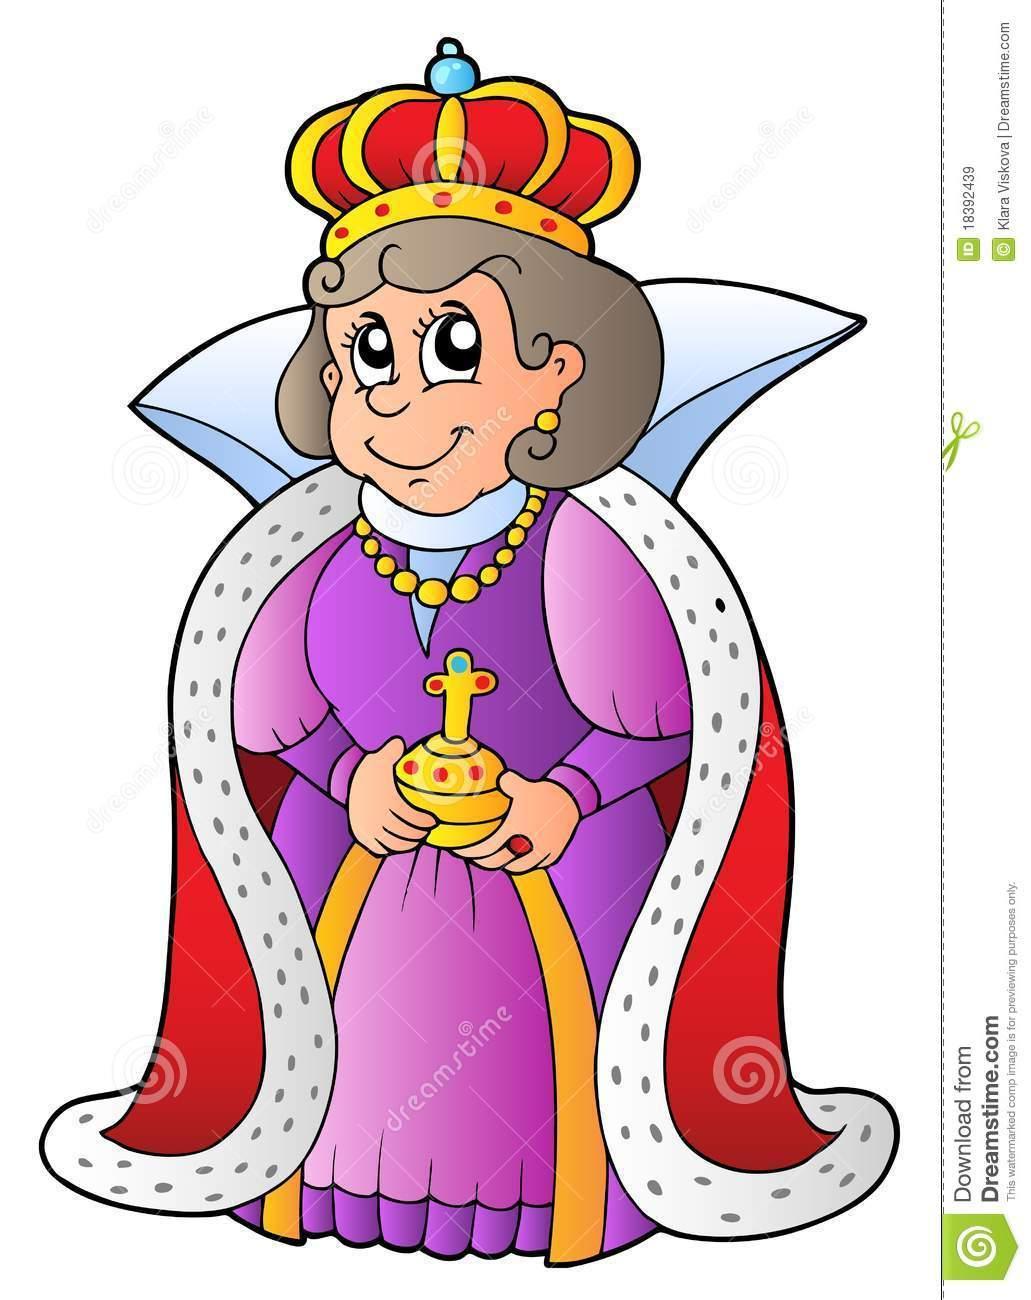 Free queen clipart 2 » Clipart Portal.